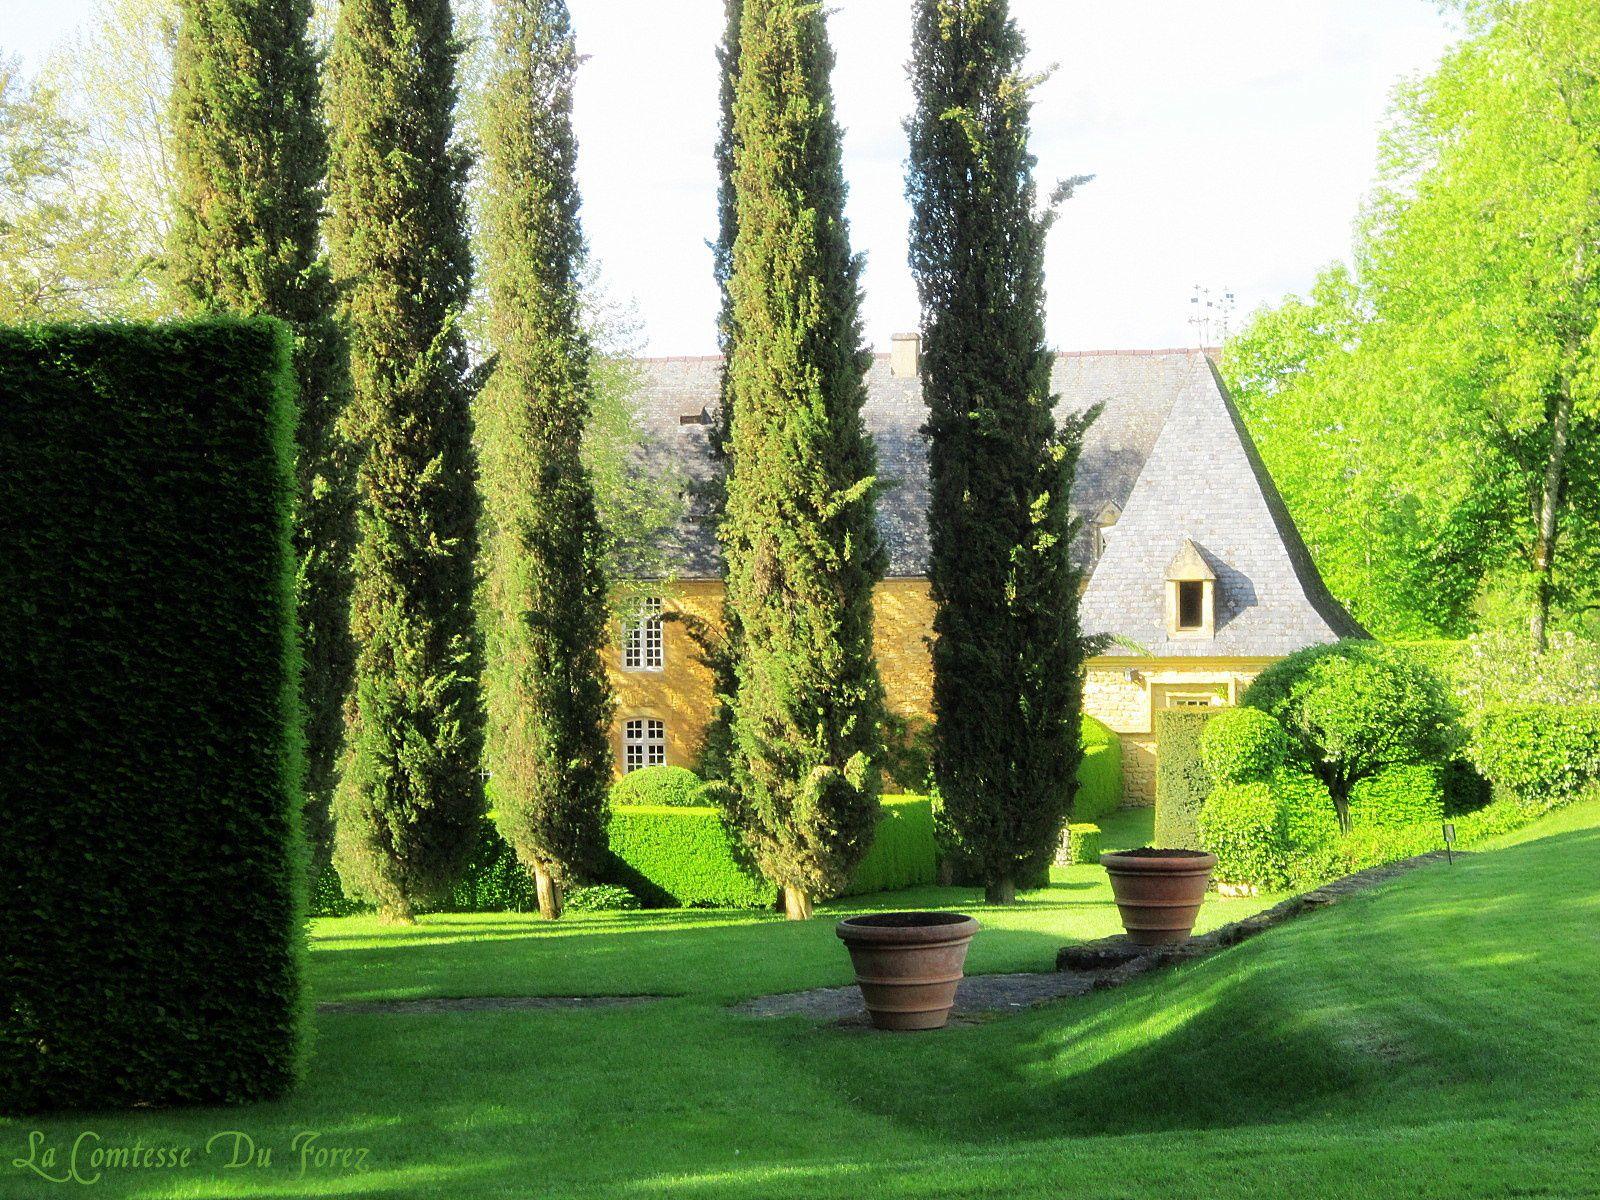 Ces jardins sont désormais classés « Jardin remarquable ». Ils font également partie de l'association « Les Plus Beaux Jardins de France ».